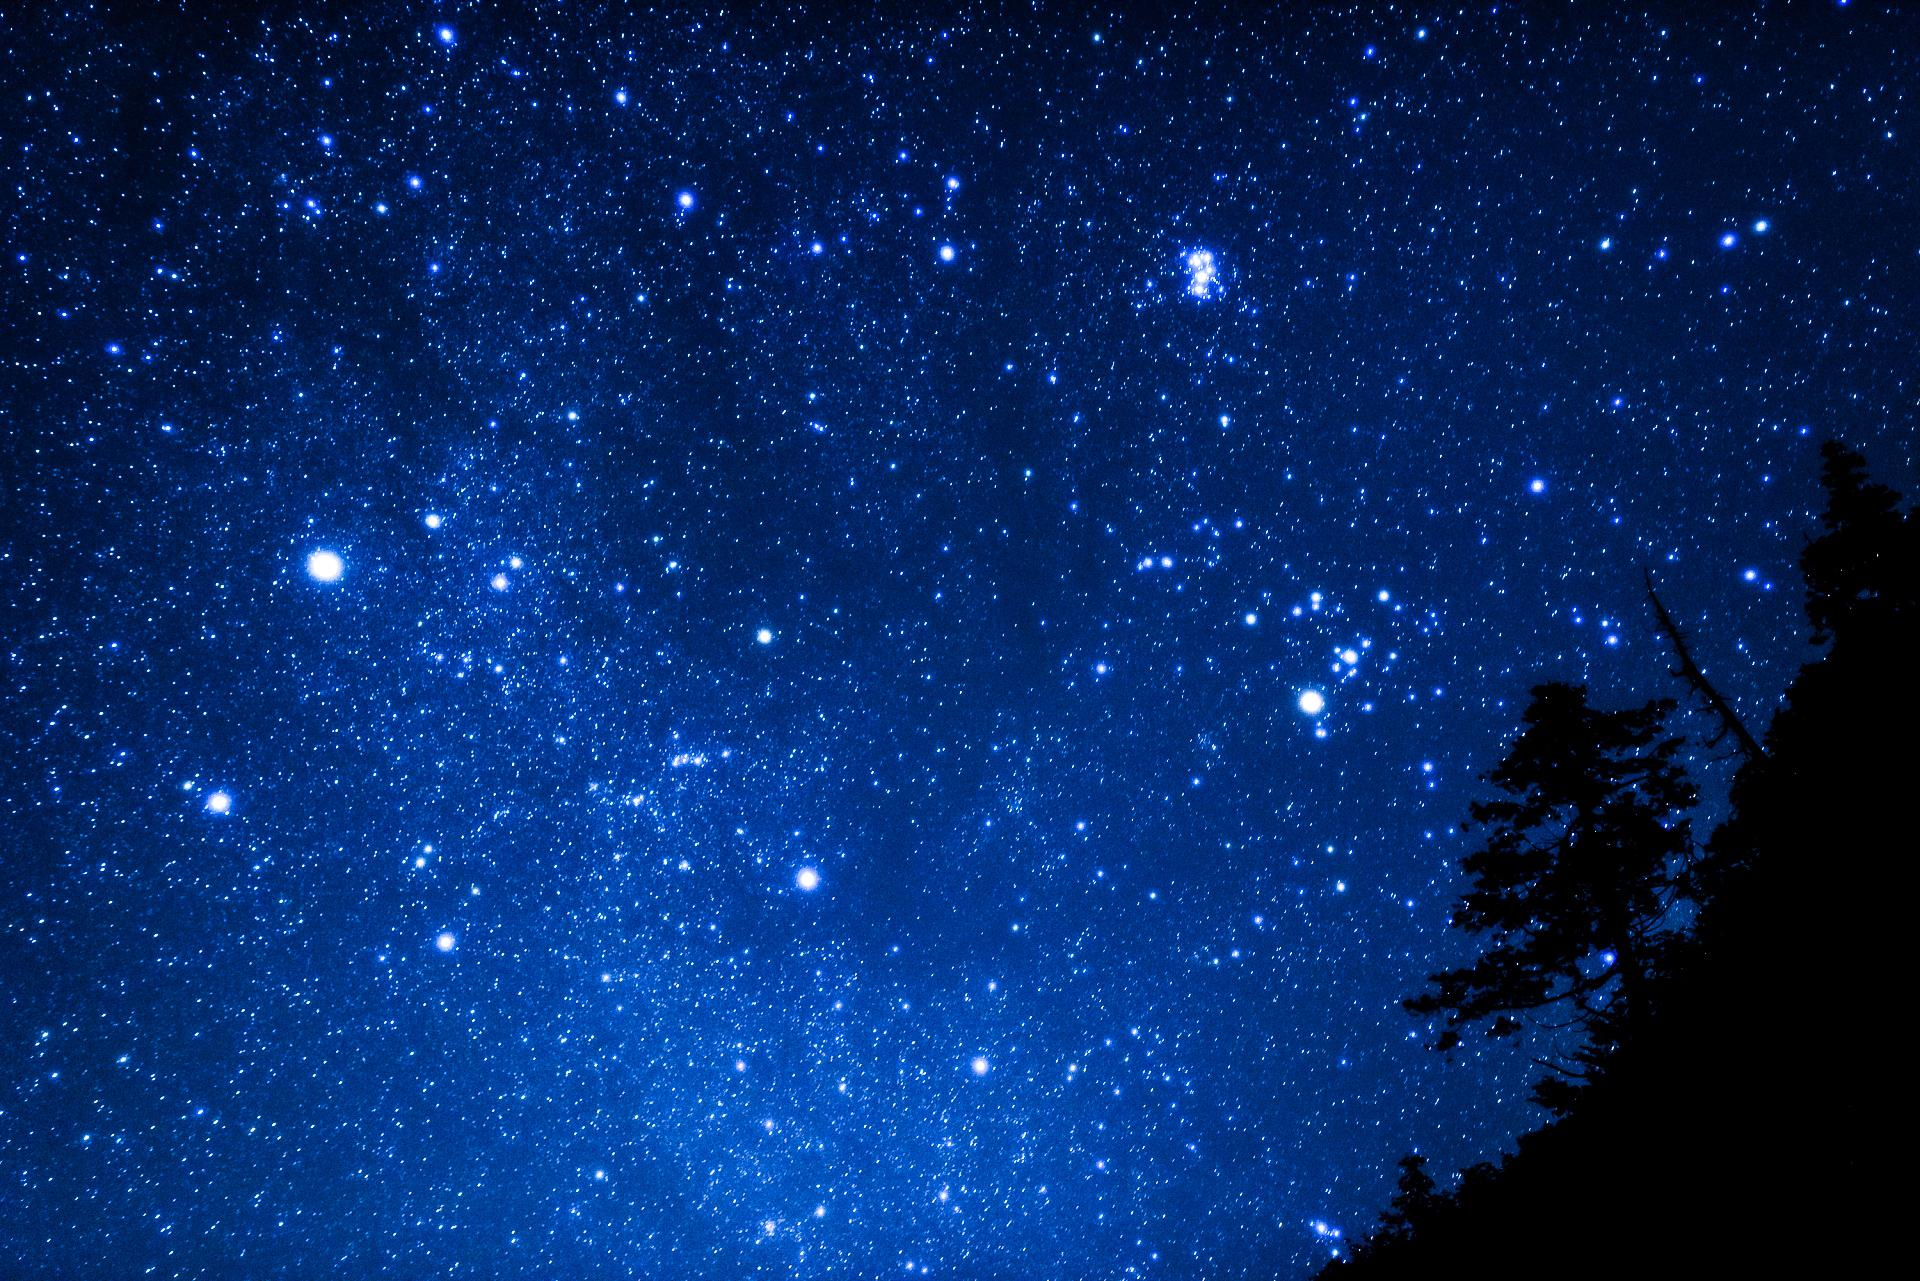 石垣島ナイトSUP中に出会う夜の星空